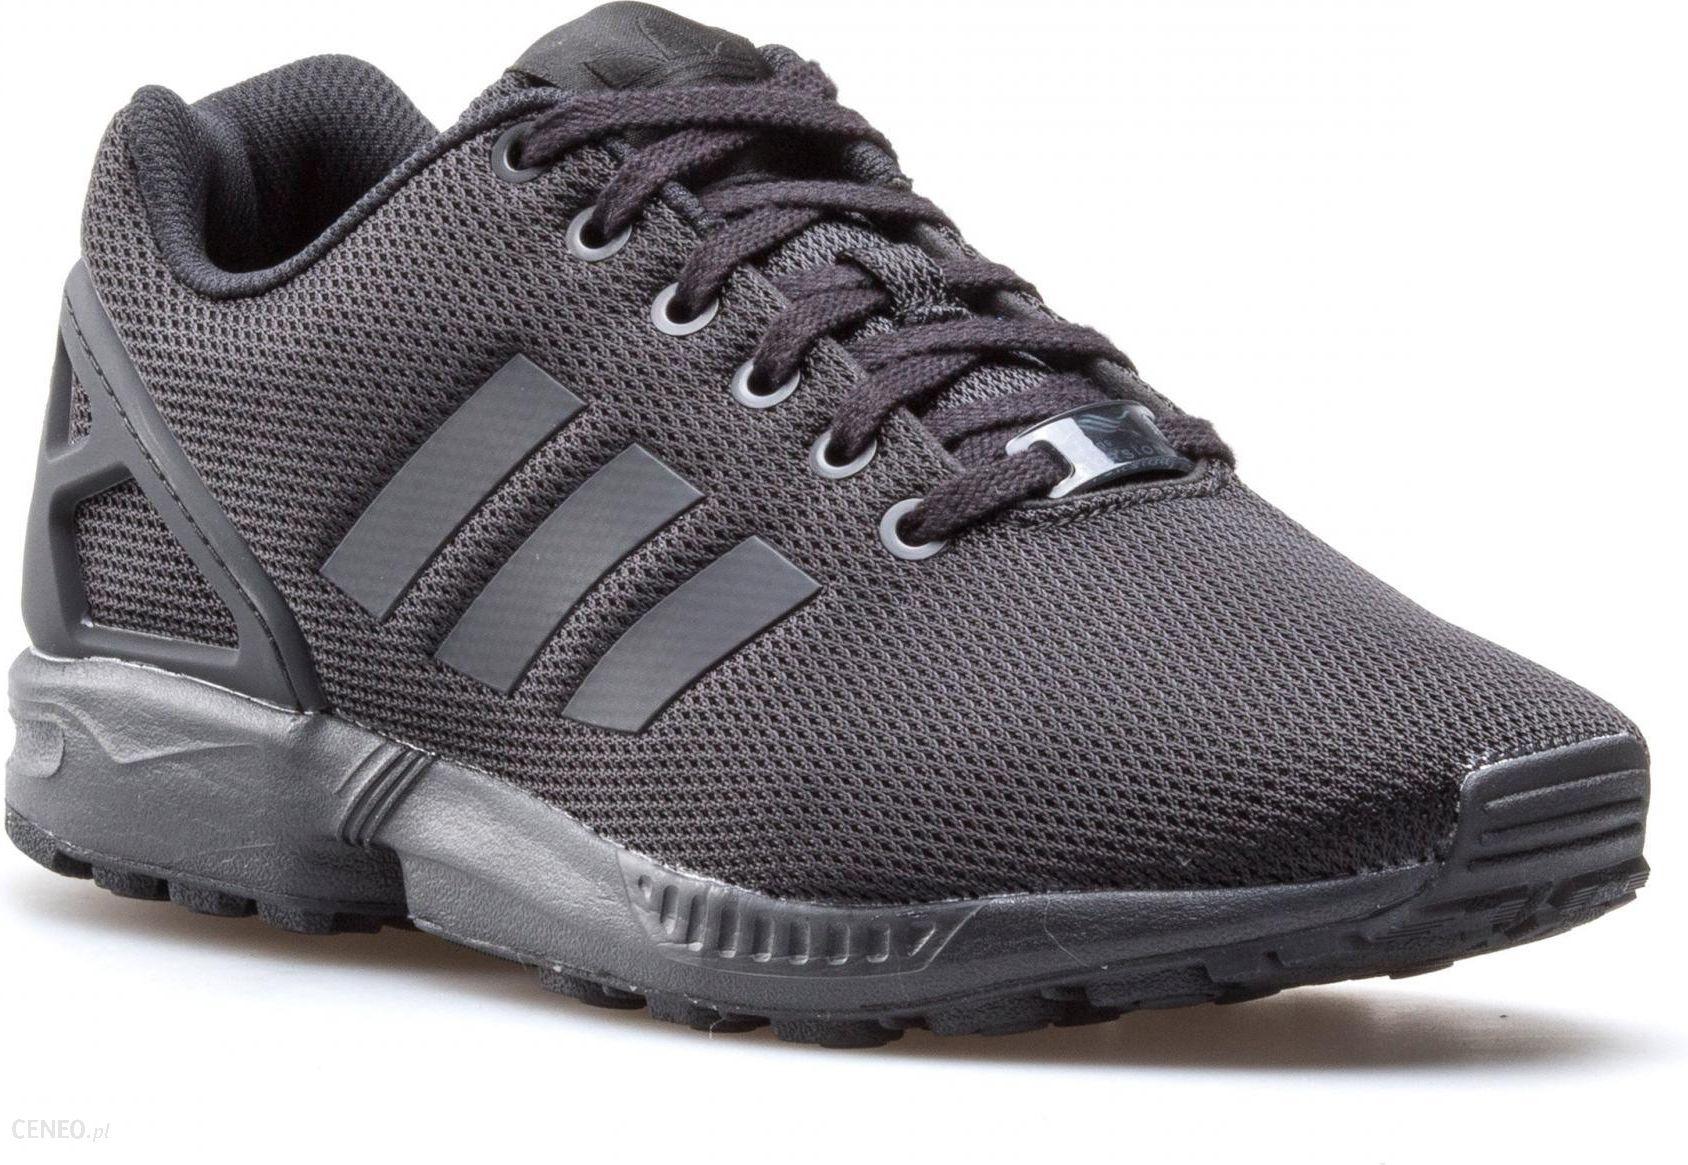 Adidas Buty dziecięce ZX Flux K czarne r. 37 13 (M21294) Ceny i opinie Ceneo.pl